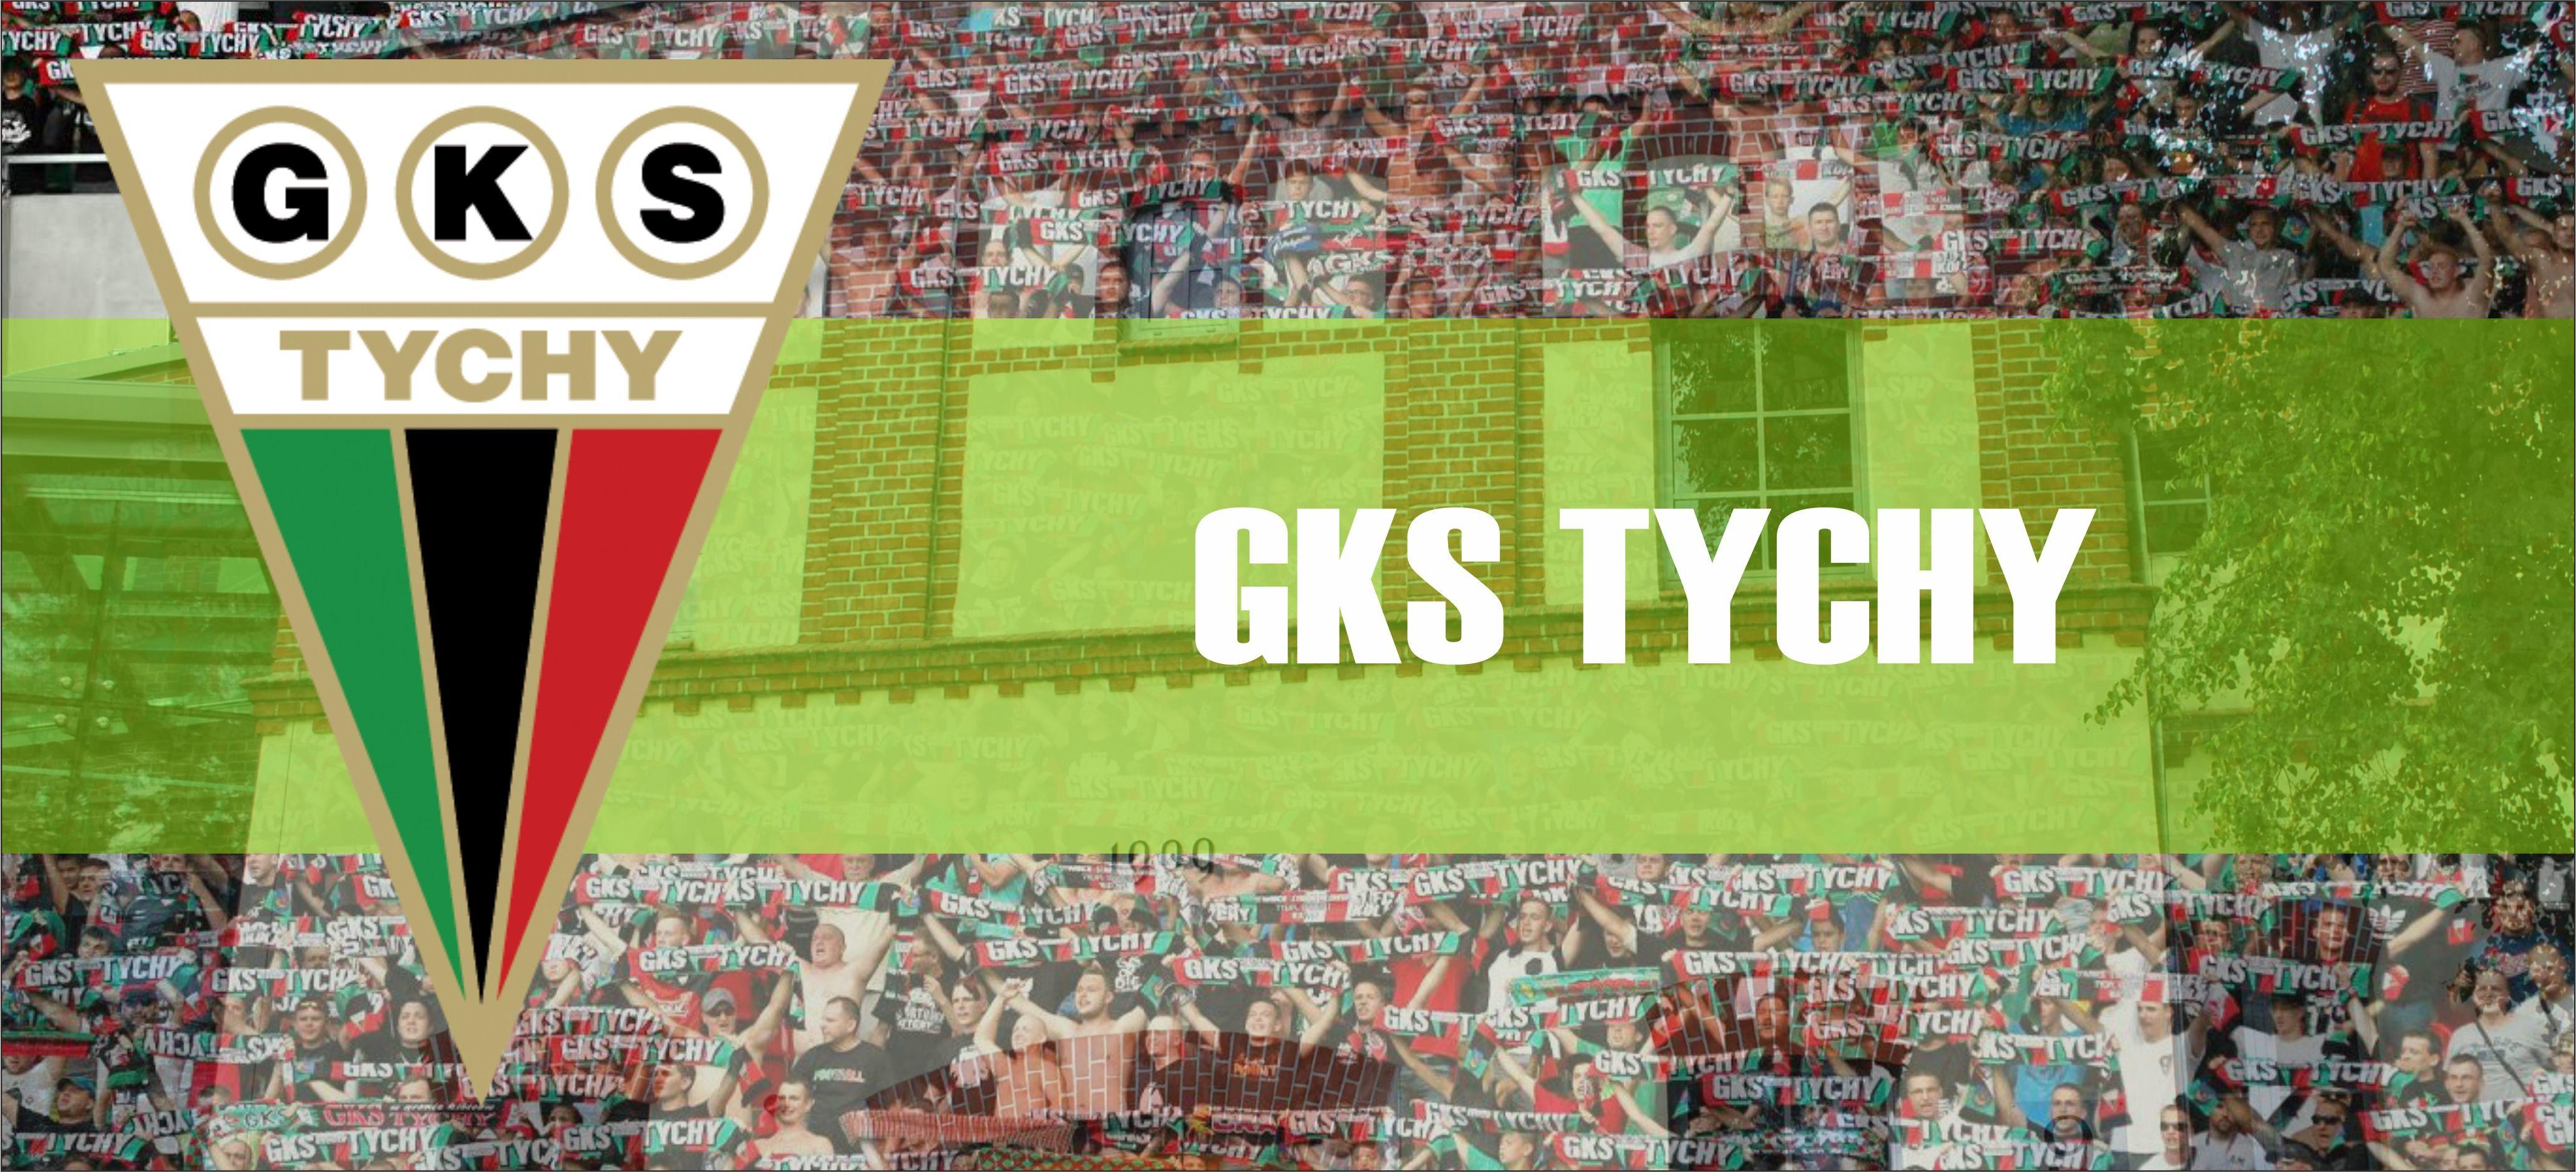 Skarb kibica I ligi: GKS Tychy – czas na walkę o ekstraklasę?